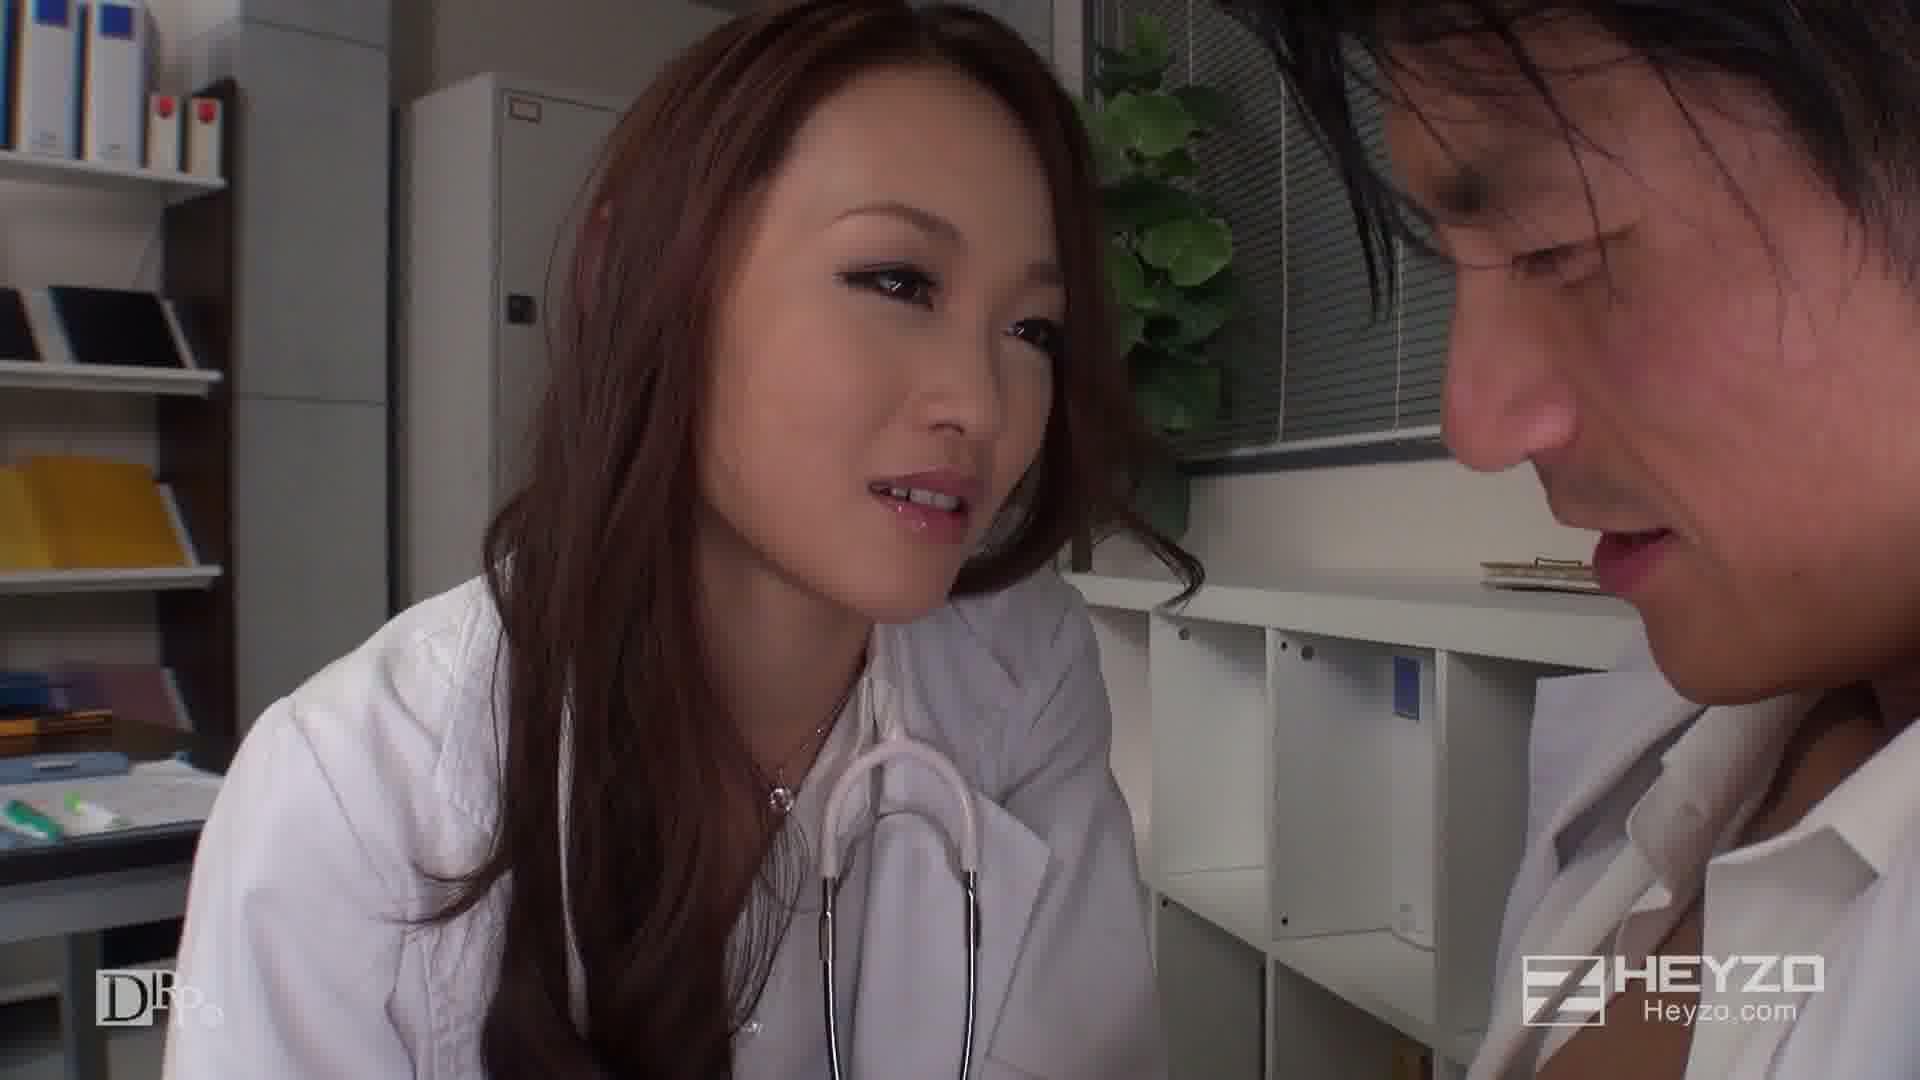 美痴女~女医が教える至極の性感帯~ - 宮村恋【淫語責め フェラ抜き】